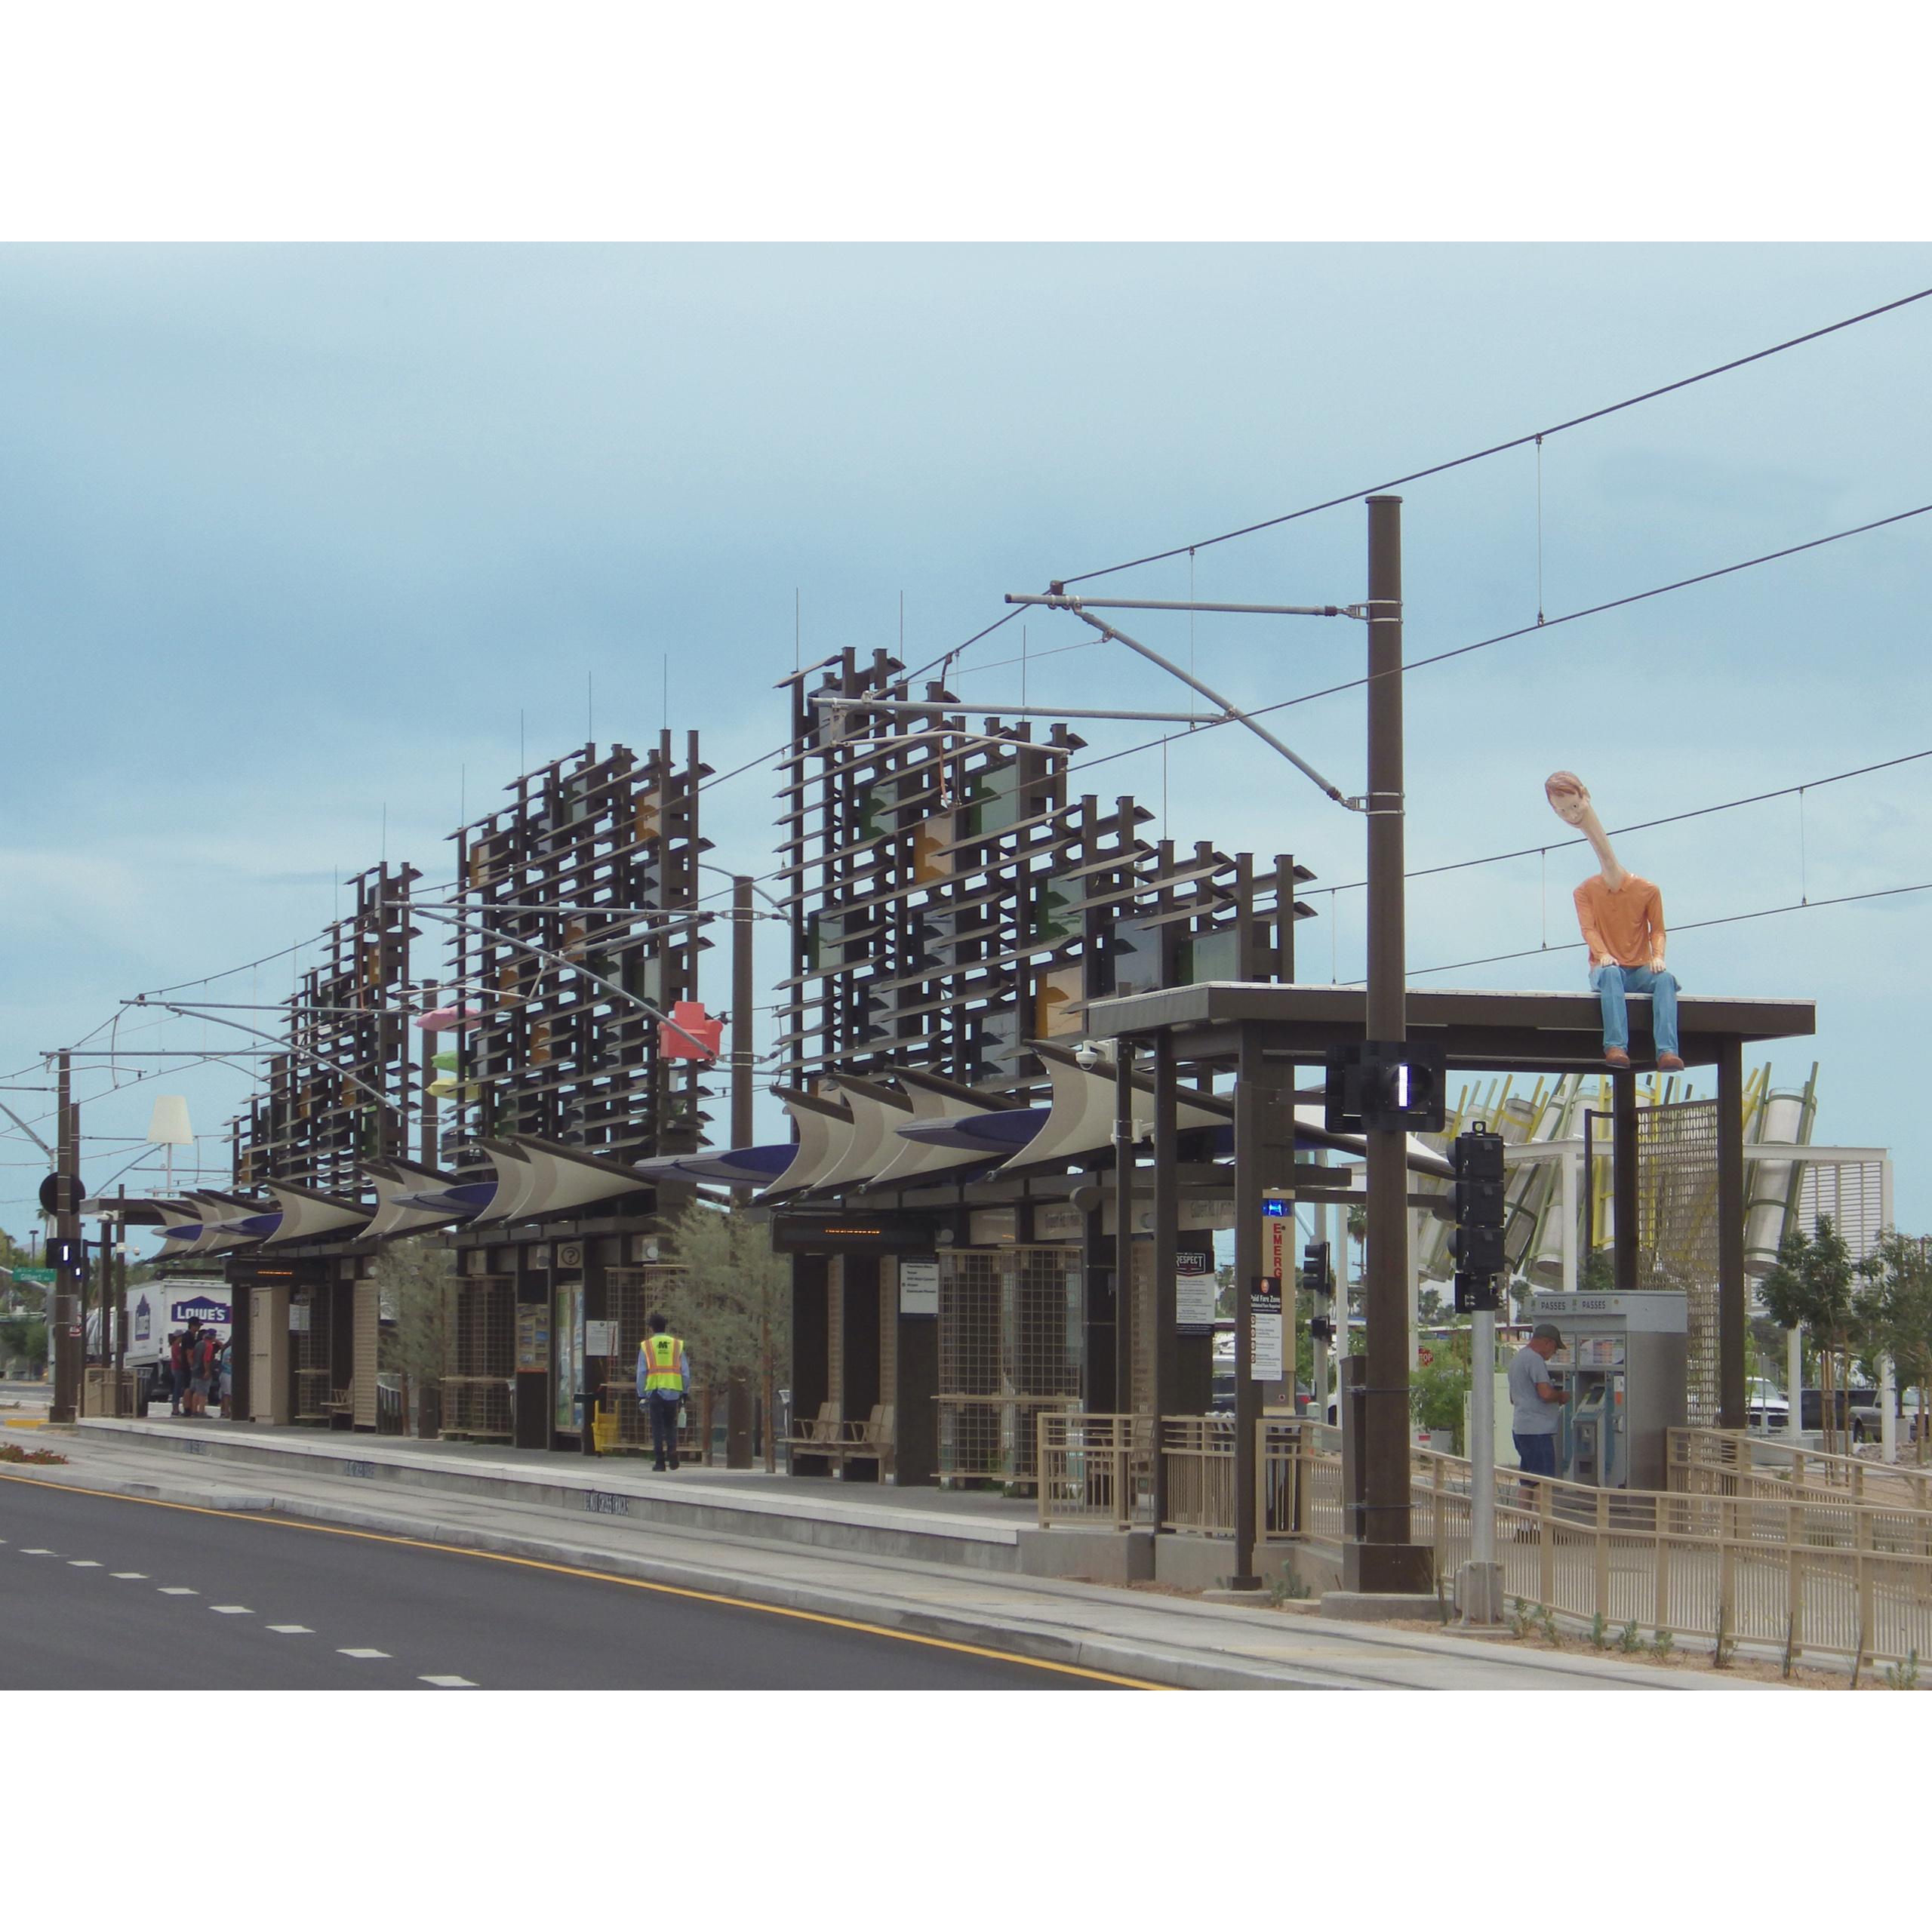 artworks for a new light rail station in Mesa, AZ